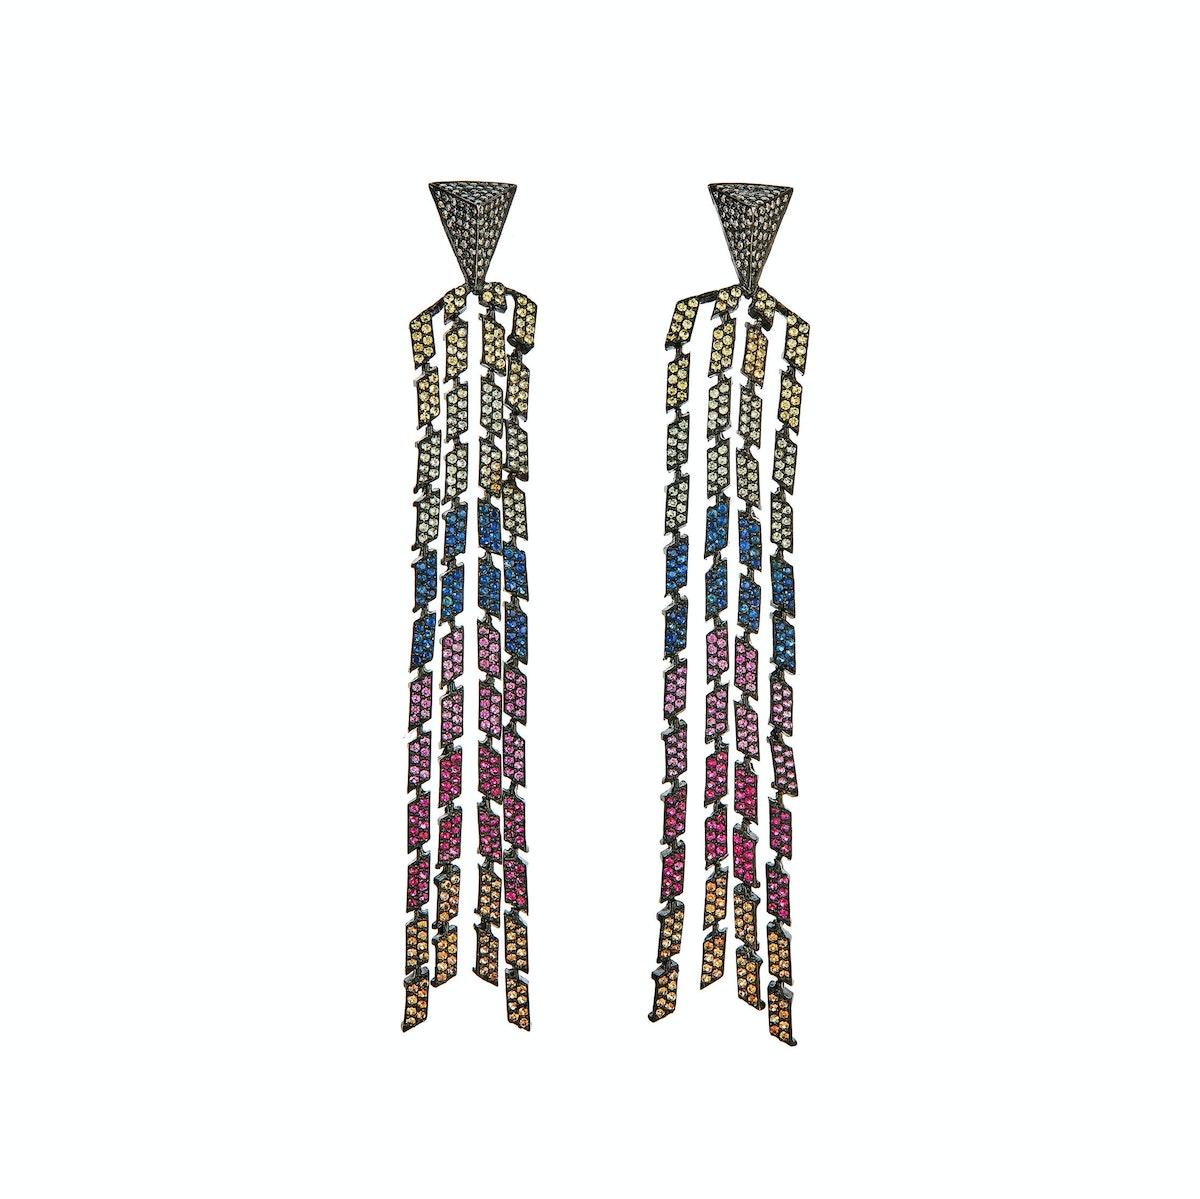 J. Hadley earrings